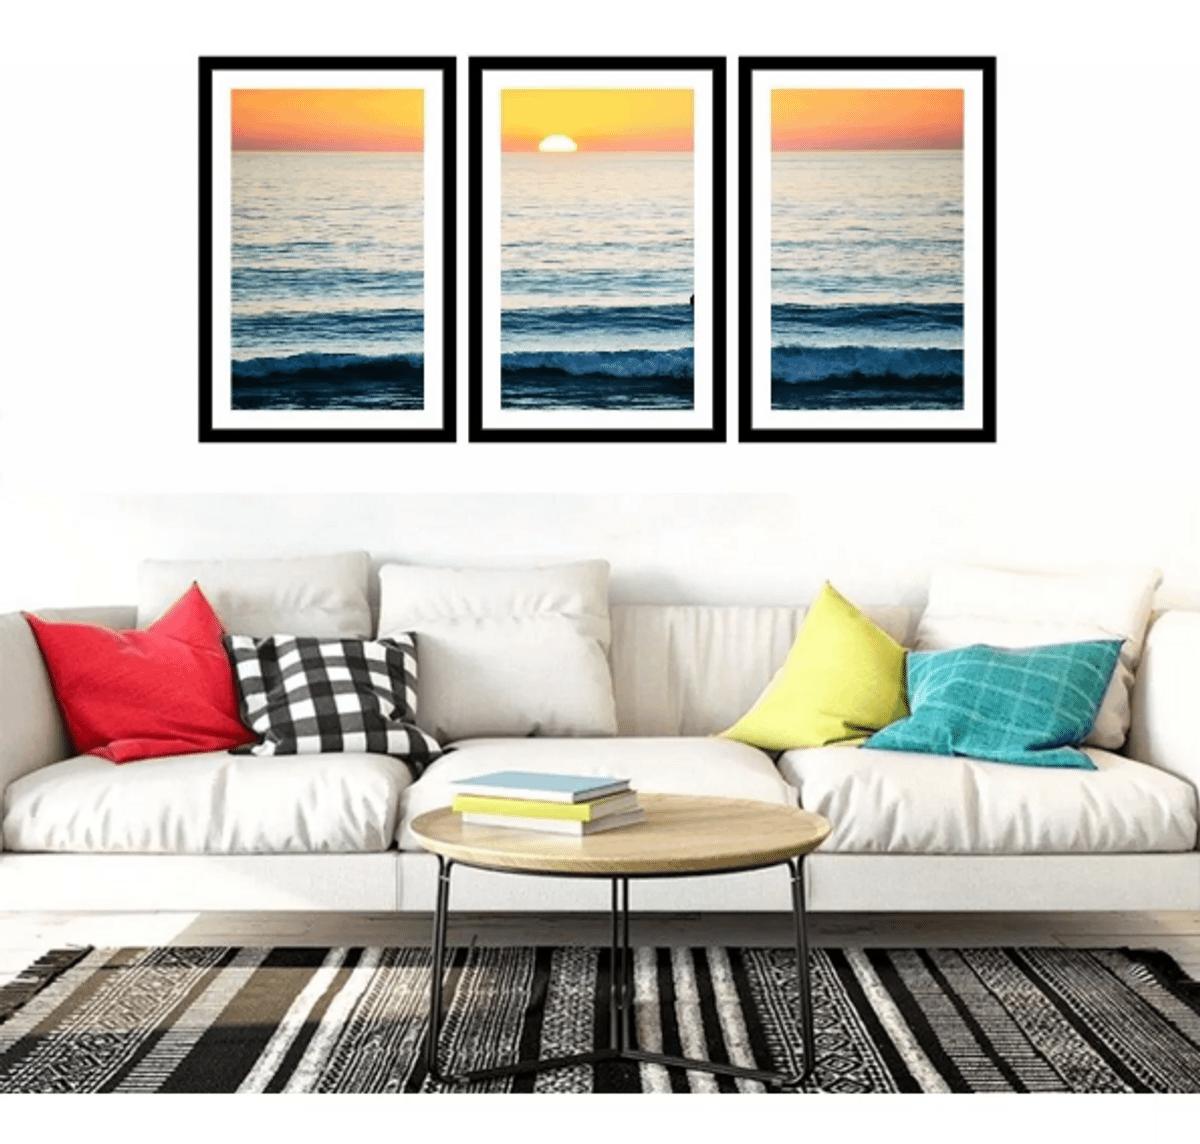 quadro praia sunset por do sol 3 peças - decoração udinese-quadros